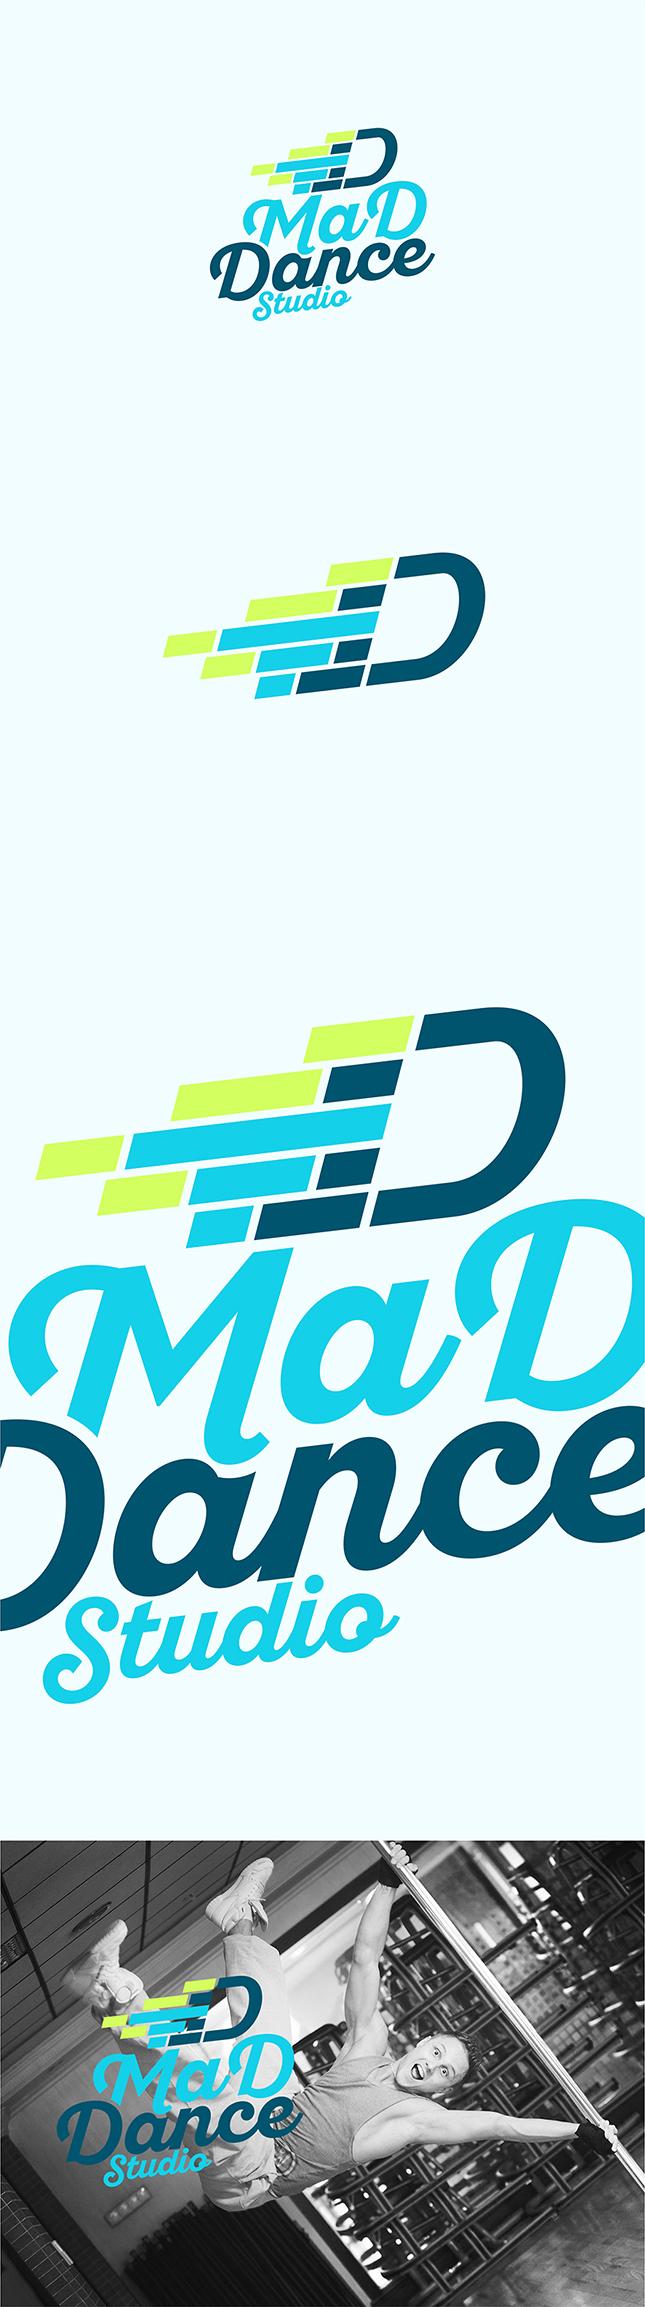 Mad Dance Studio